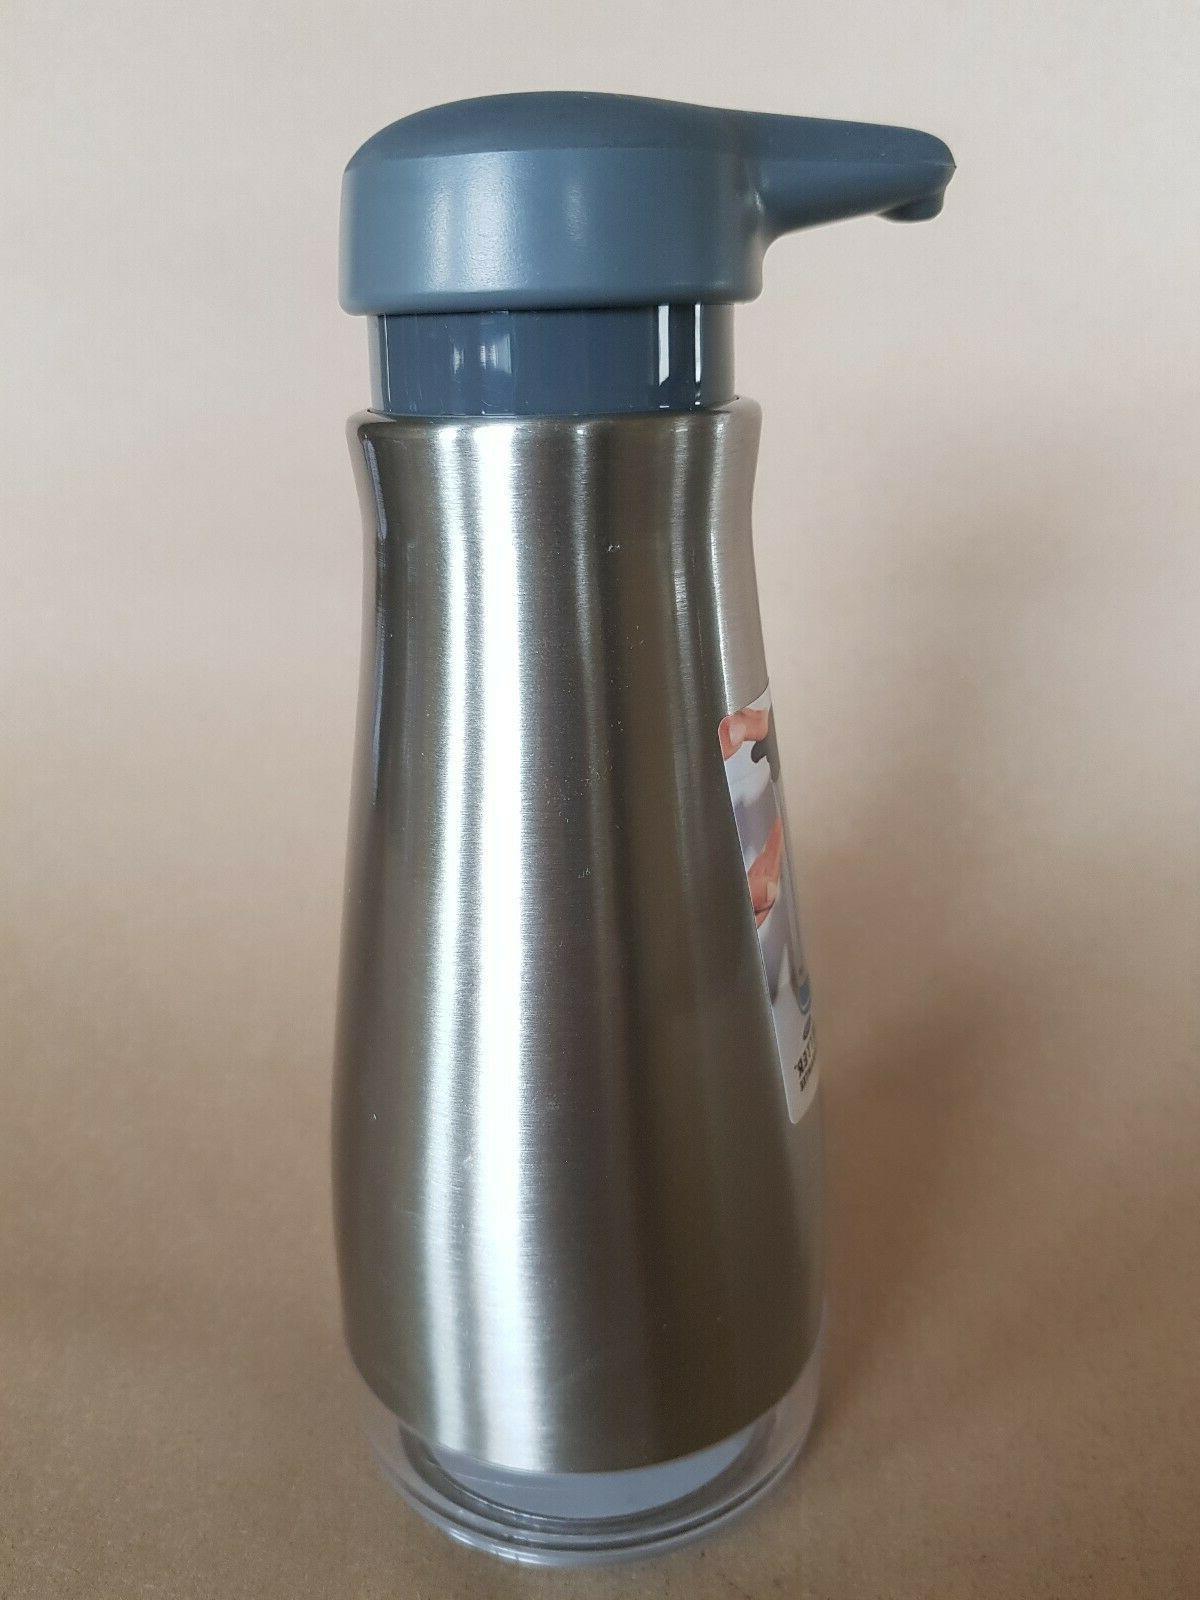 OXO Good Steel Soap Dispenser New